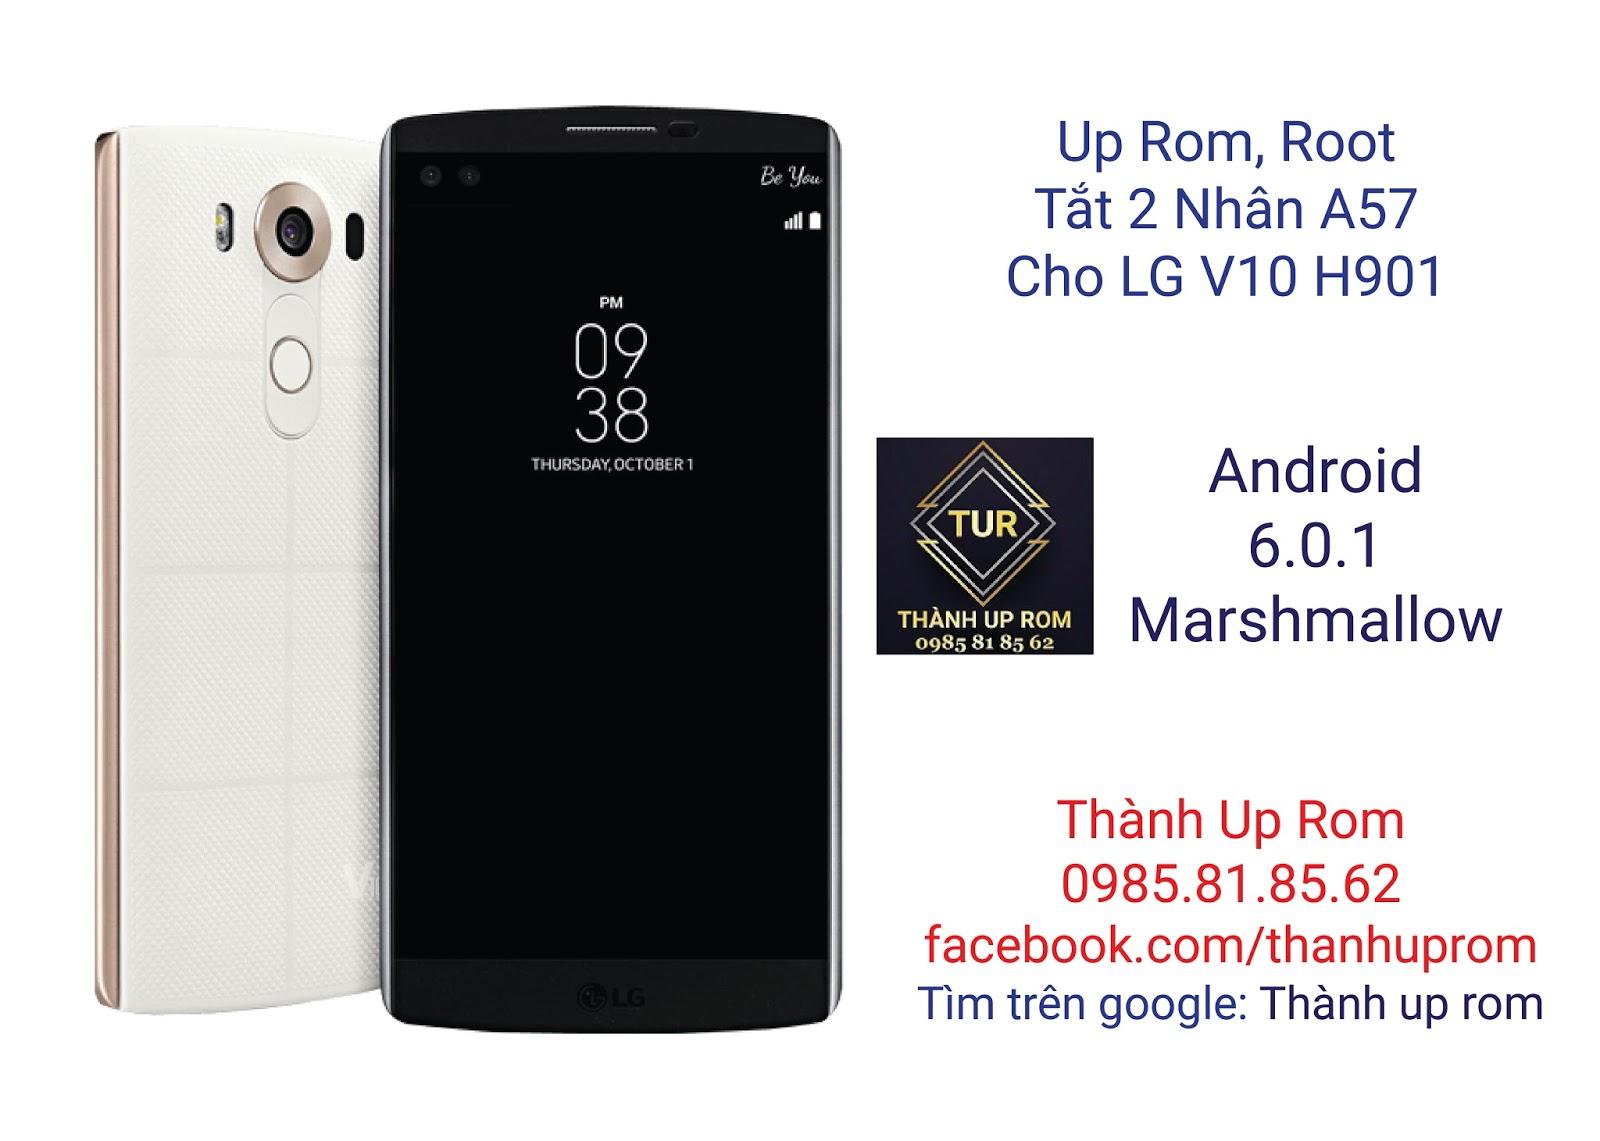 Up Rom, Root, Tắt Nhân A57 Hạn Chế Đột Tử Cho LG V10 H901